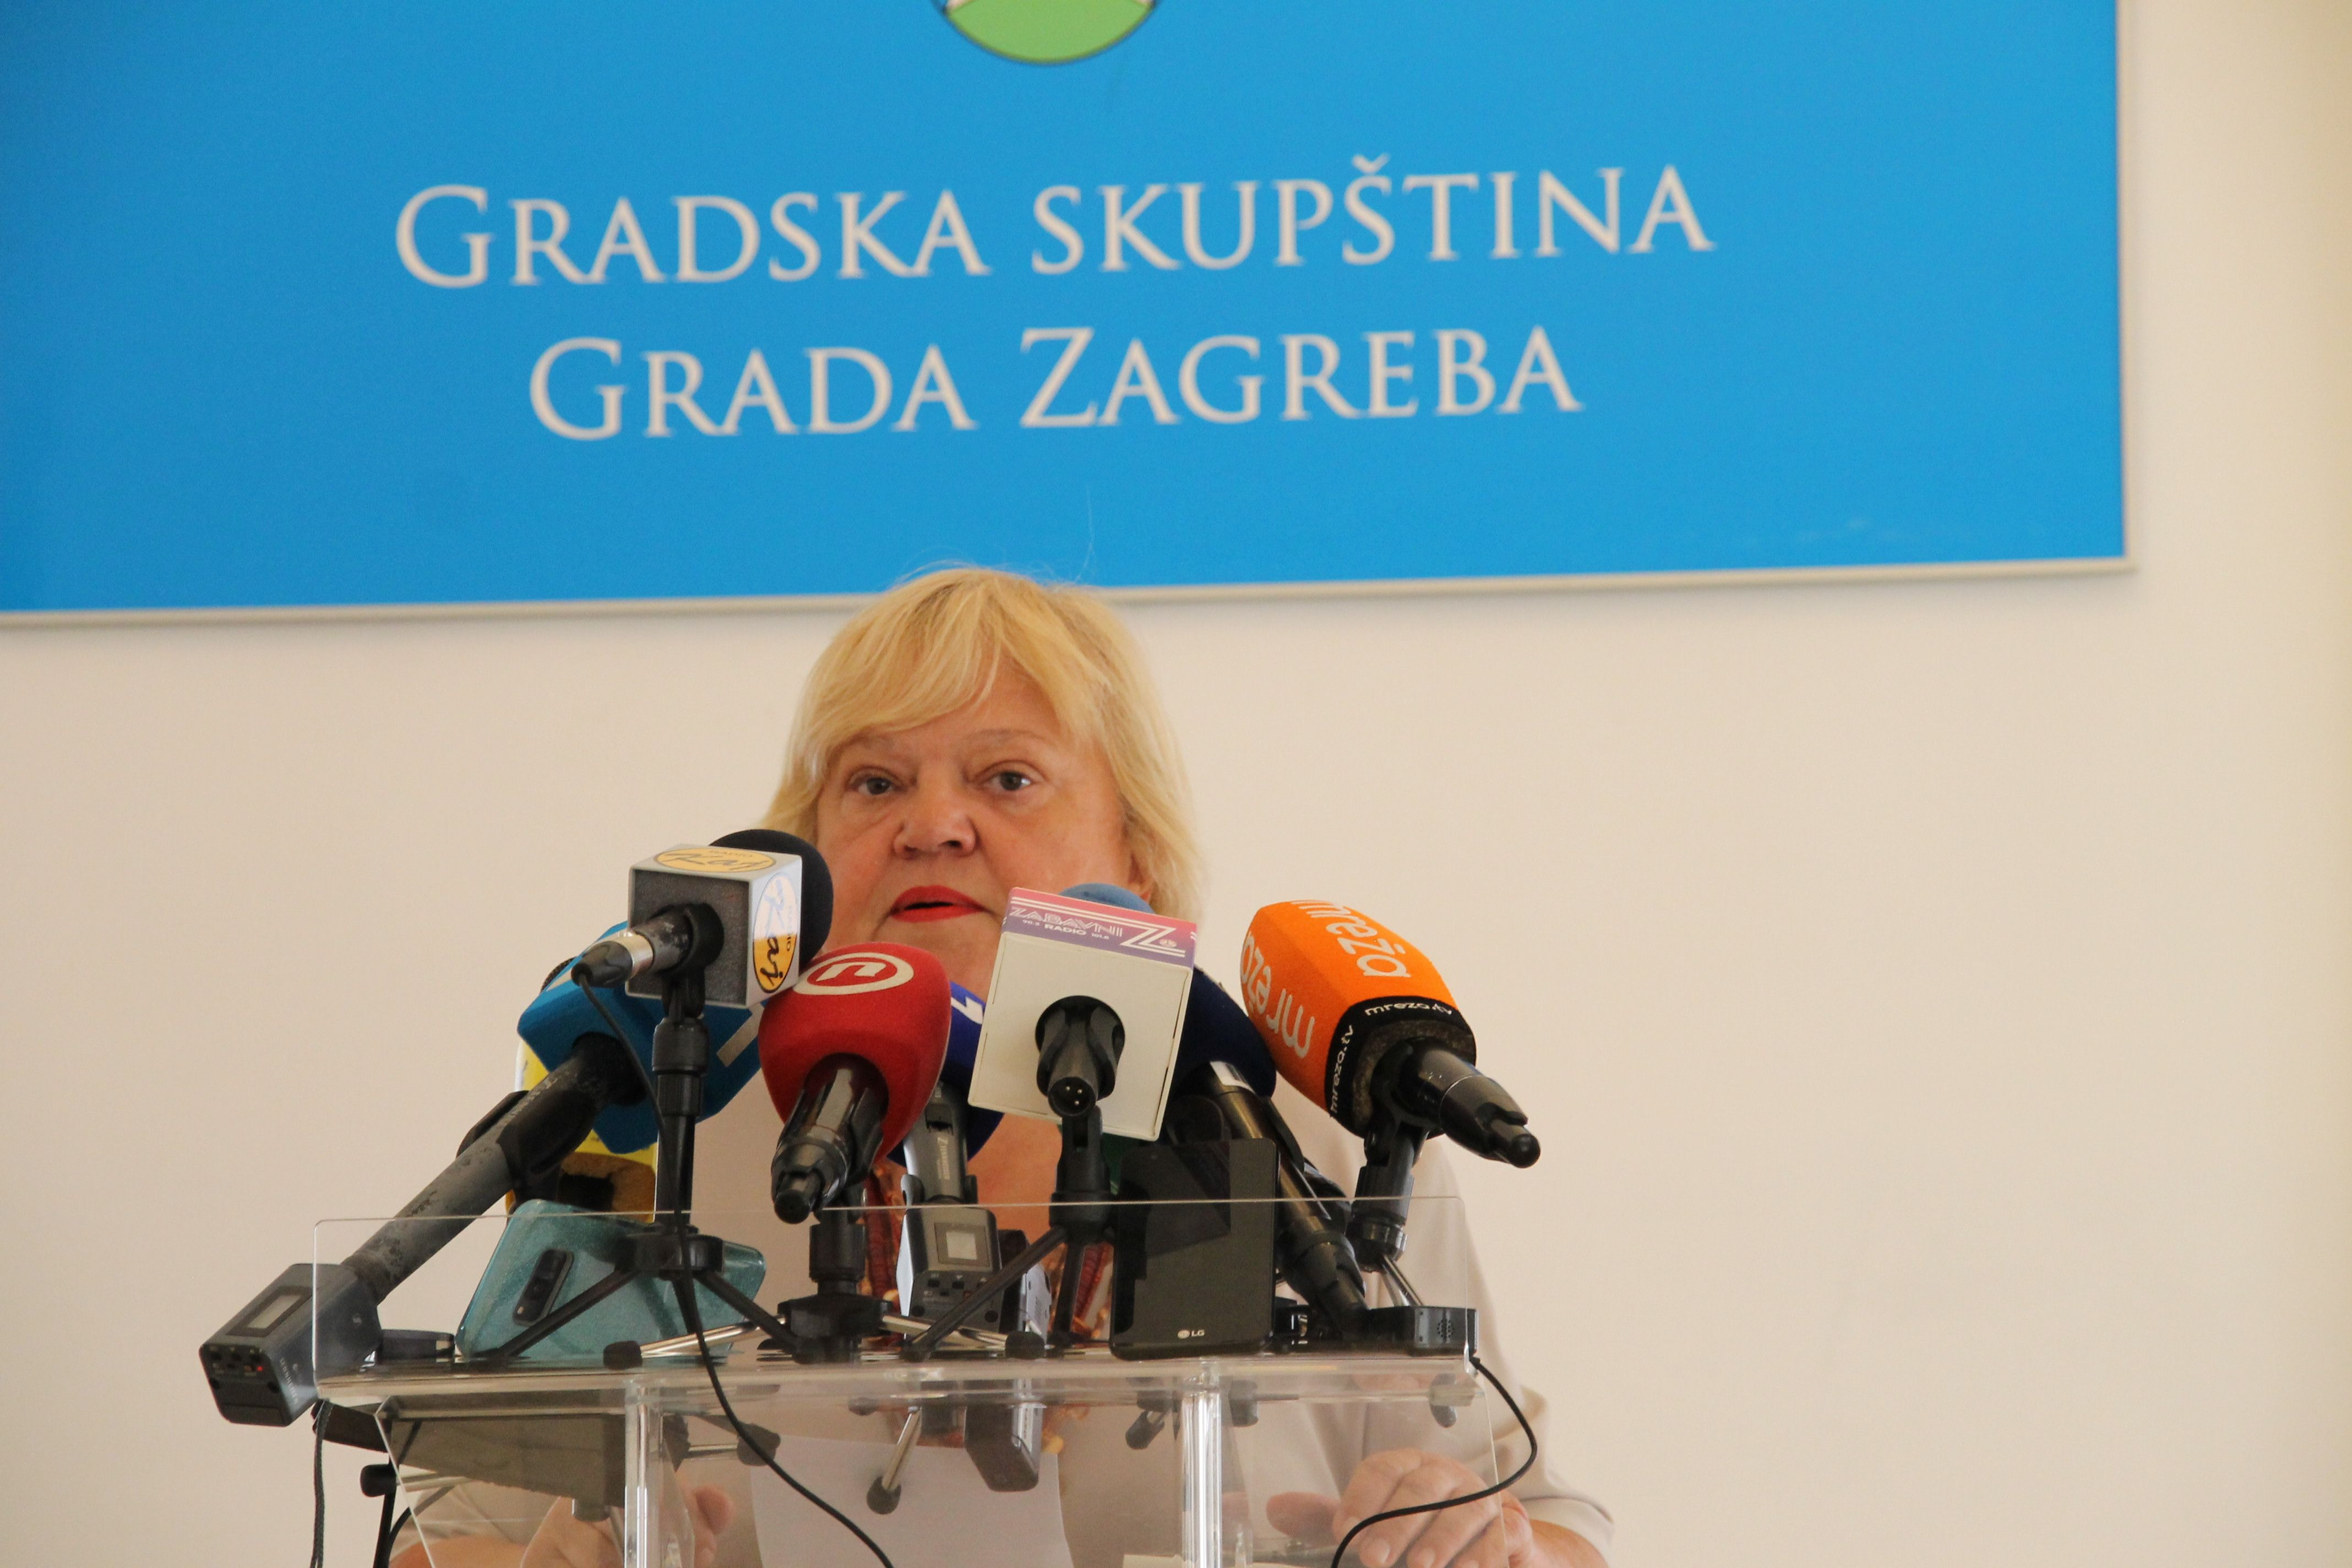 """'ZAGREBAČKI MANHATTAN' Mrak-Taritaš poručila Bandiću: """"Gradonačelniče, smirite, stanite na loptu. Nemojte dirati zelena pluća Zagreba"""""""